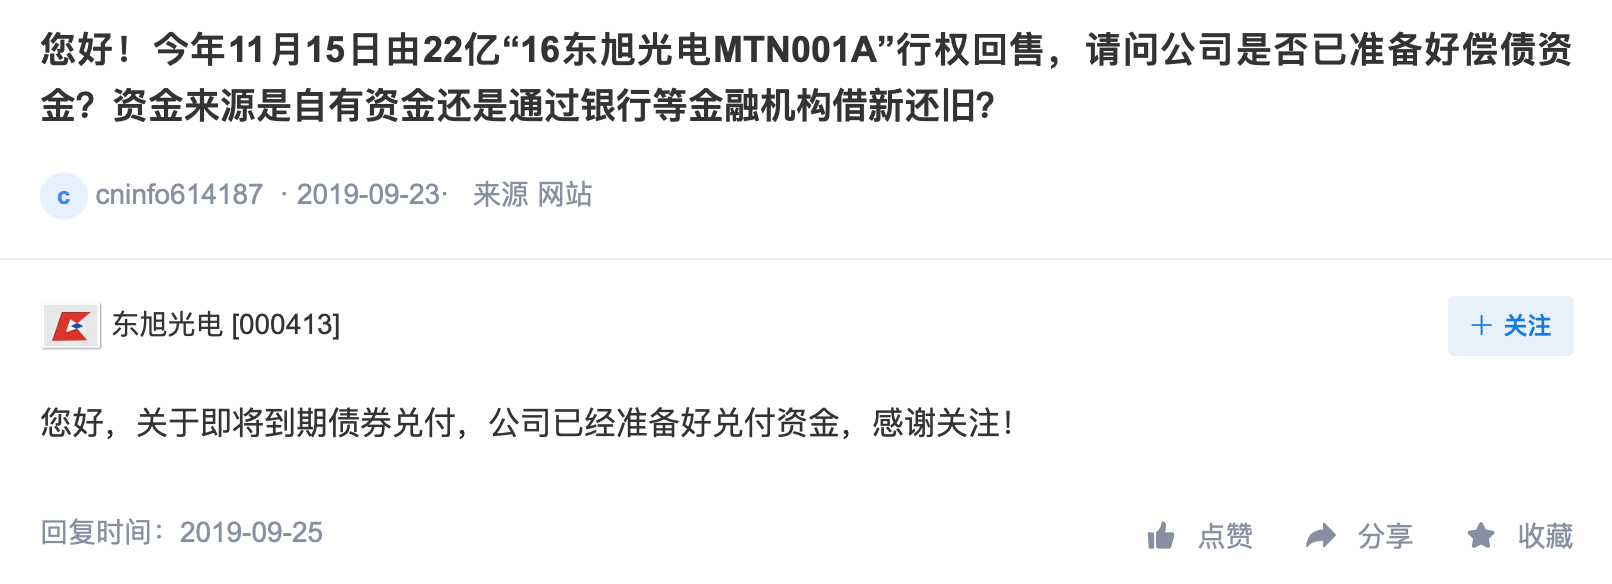 星2娱乐场现金开户_华大控股否认裁员传闻:小范围人员优化 还在招人